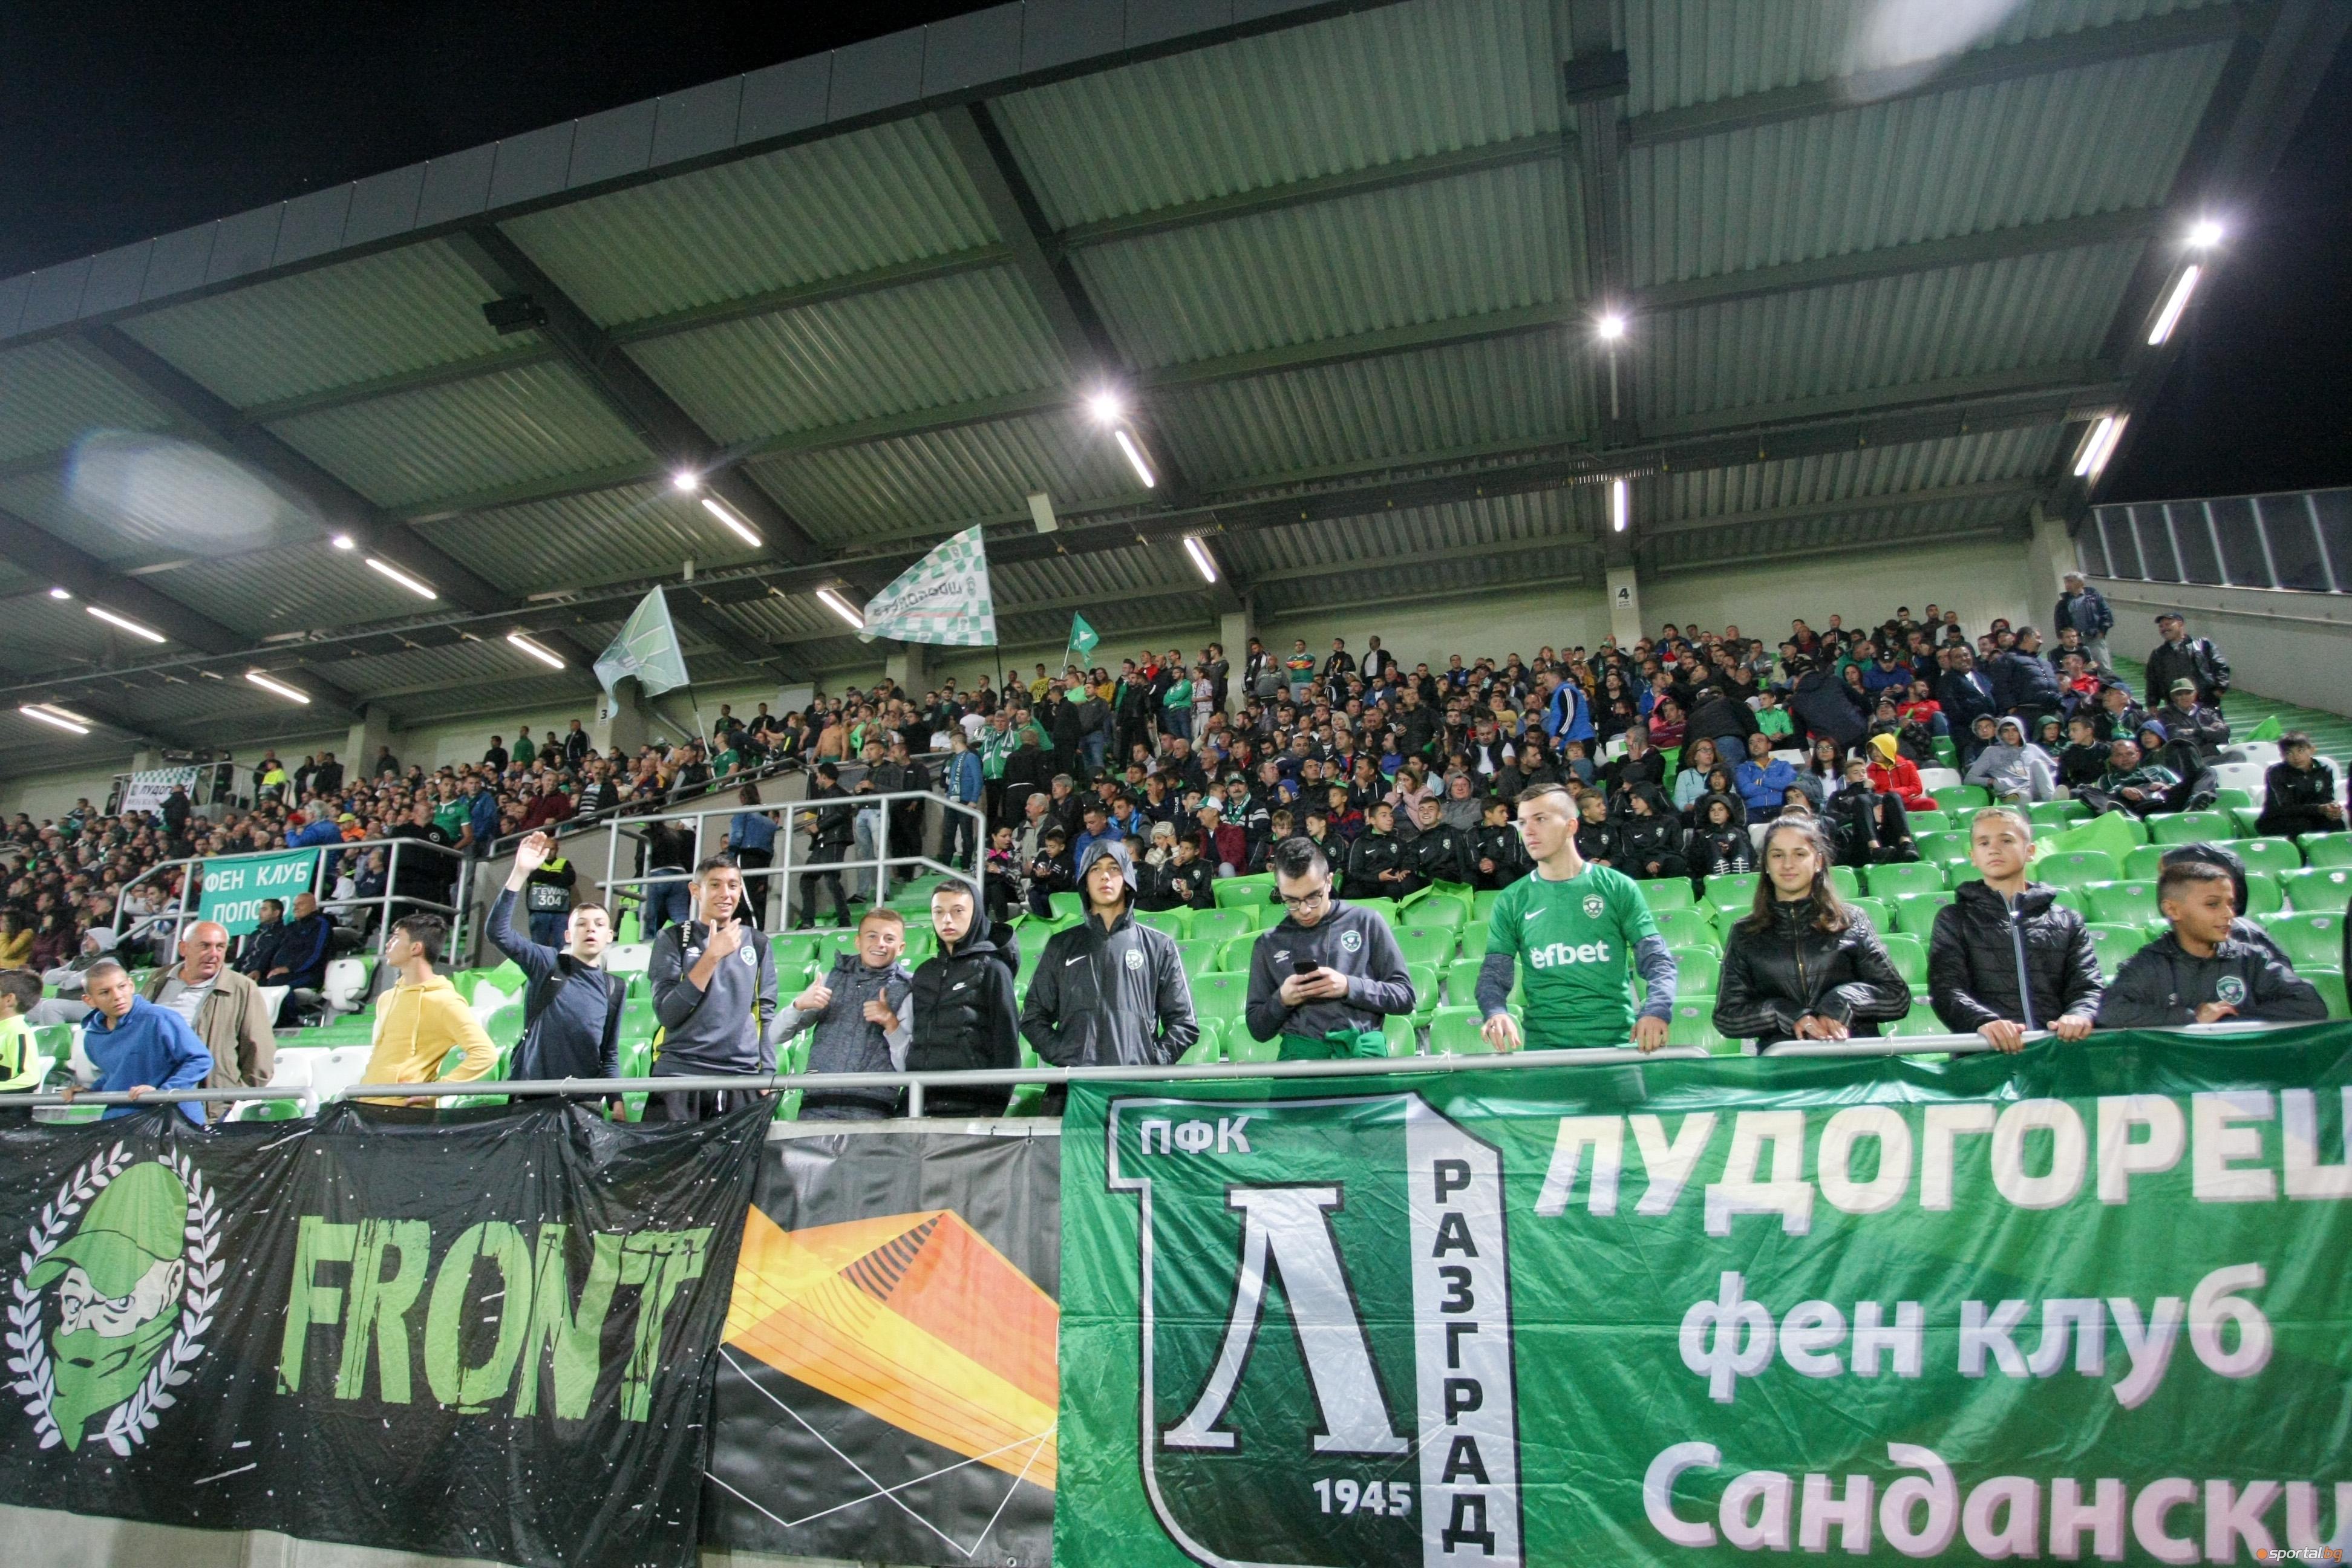 Ръководството на българския шампион Лудогорец излезе с благодарности към привържениците